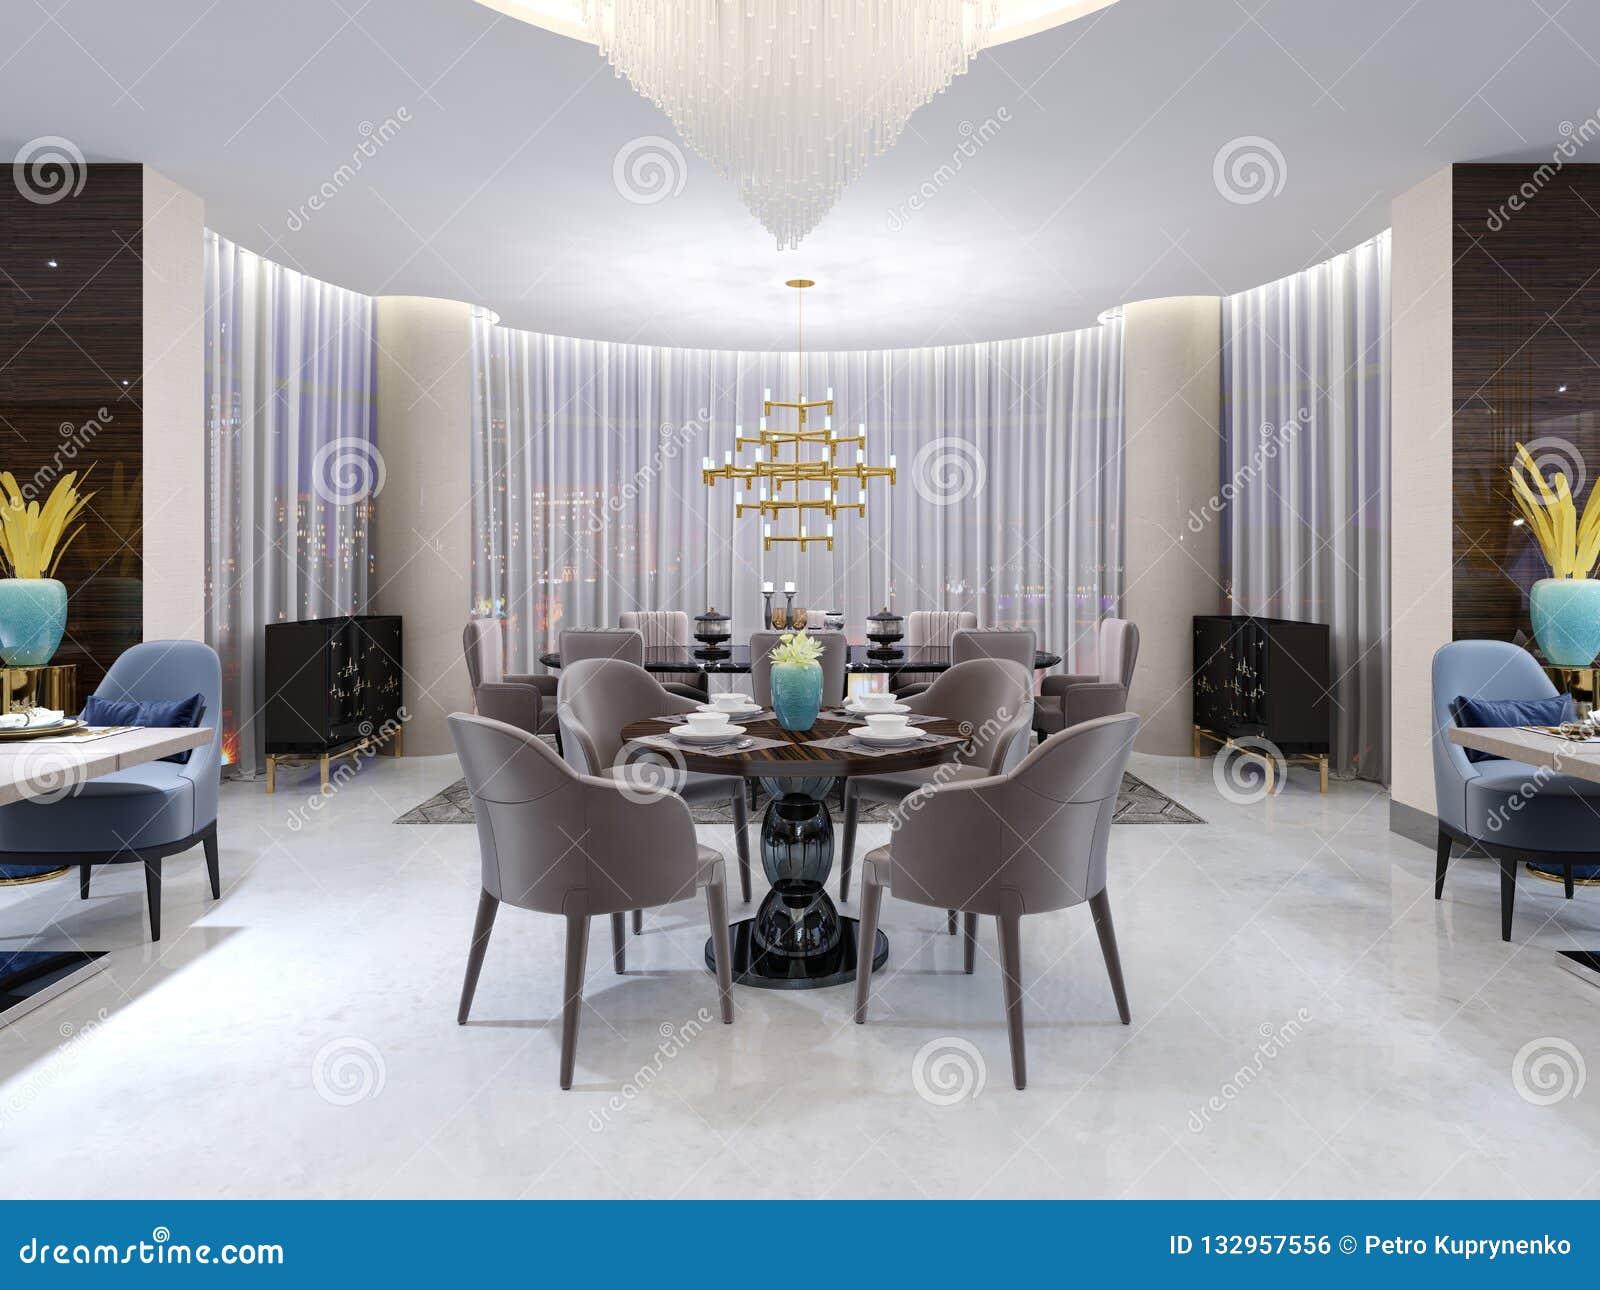 Table Ronde Moderne Dans Le Restaurant D\'hôtel, Pour Quatre ...